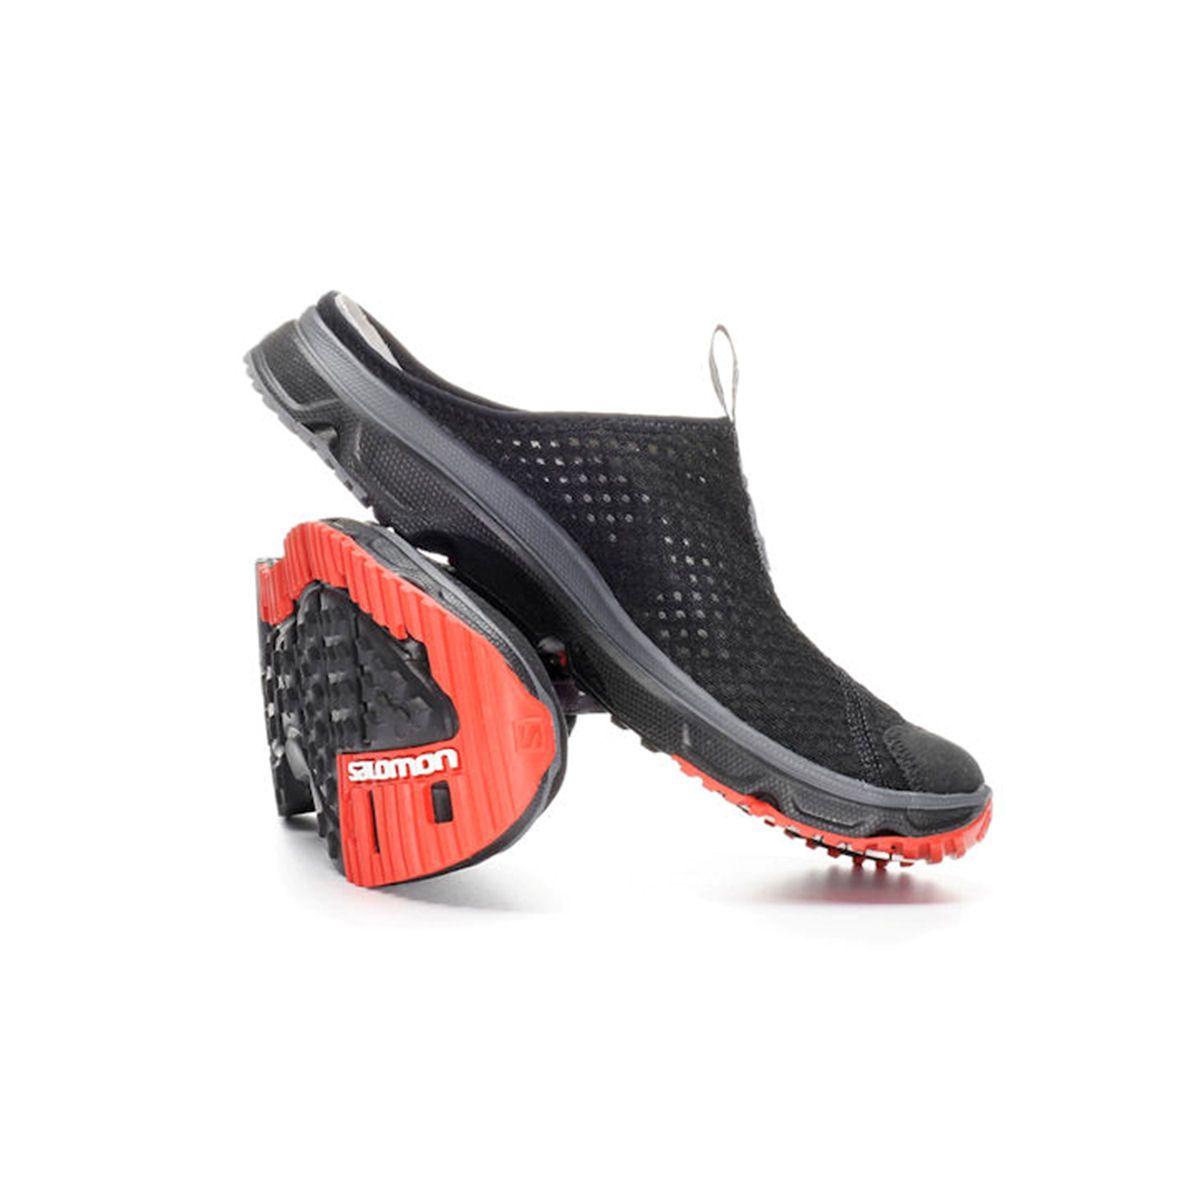 salomon rx slide 3 0 slipper clogs freizeitschuhe schwarz. Black Bedroom Furniture Sets. Home Design Ideas